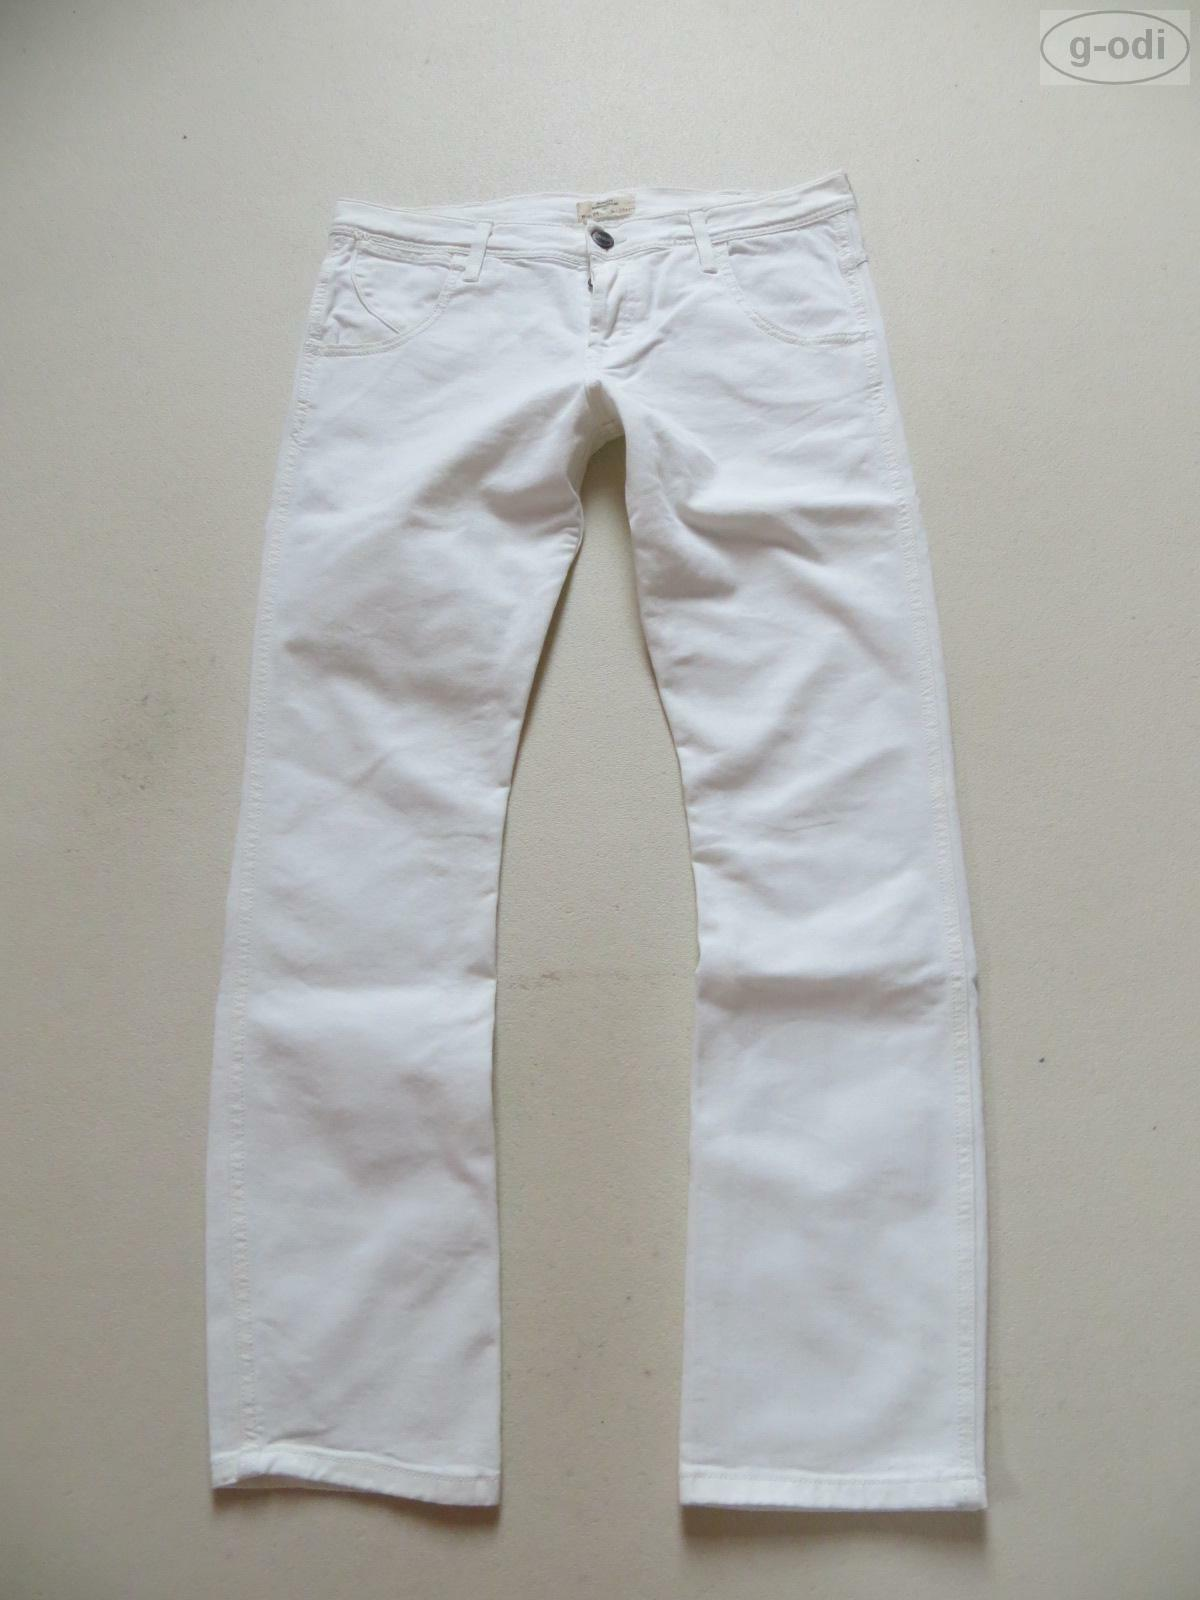 Wrangler SPENCER Jeans Hose W 34  L 32 Weiß   wie NEU   Weiß Denim RAR   50